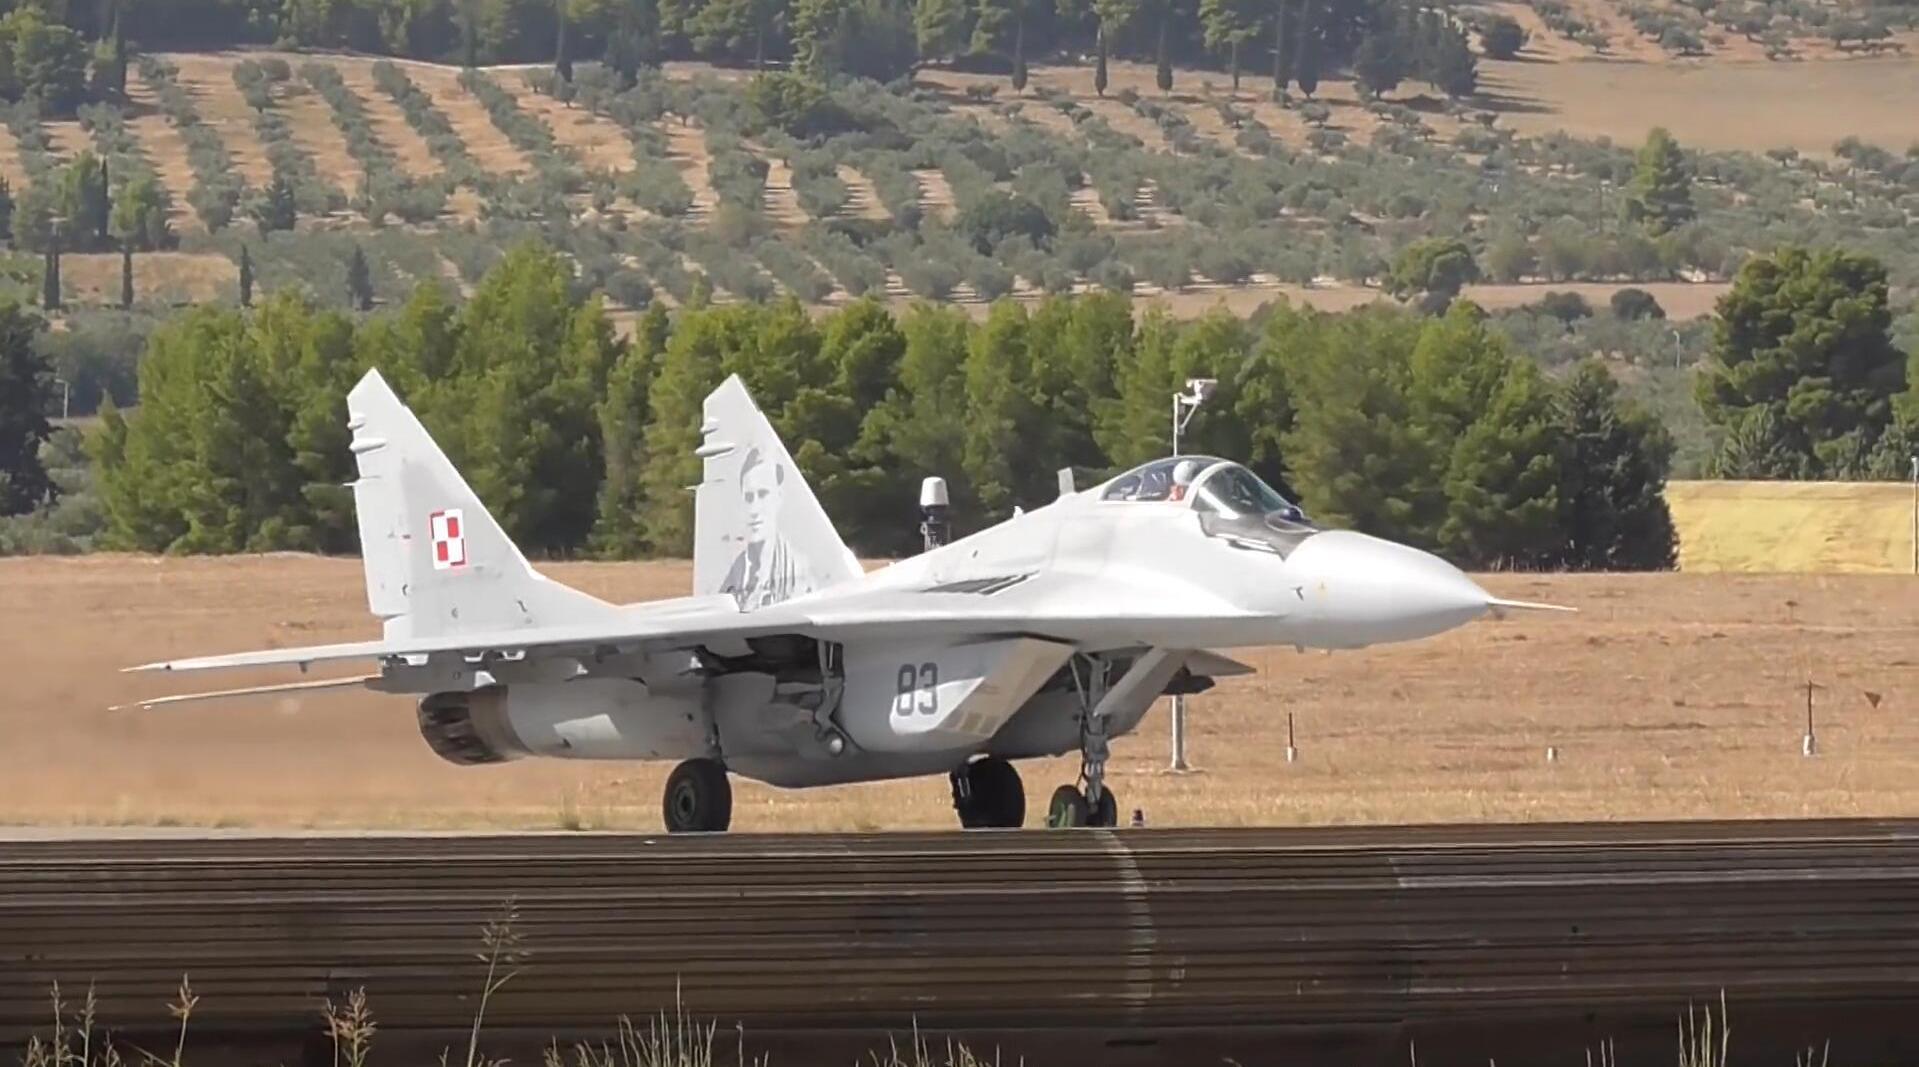 波兰空军3架米格-29战斗机,起飞后展示低空飞行姿态!